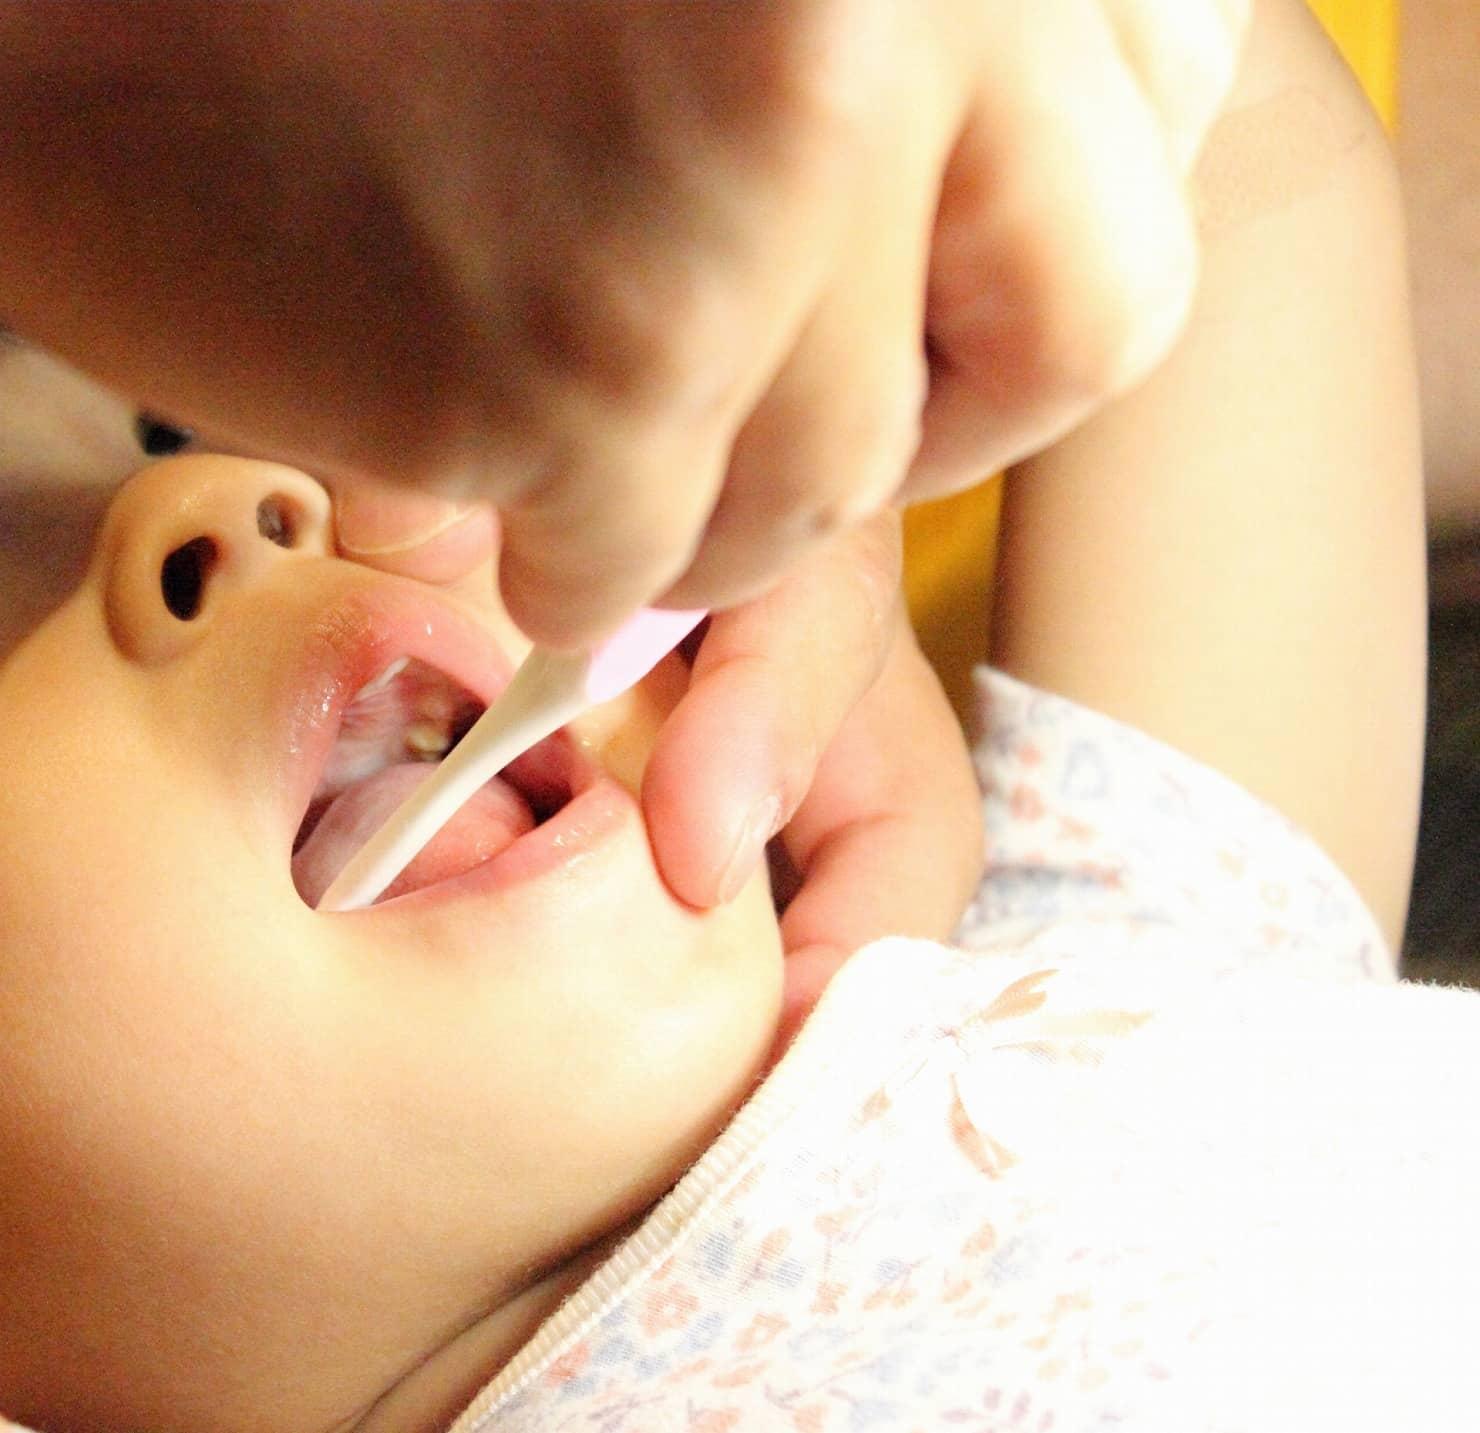 【歯科医監修】子供の歯の矯正はいつから? 子供の仕上げ磨きはいつまで? ポイントは?